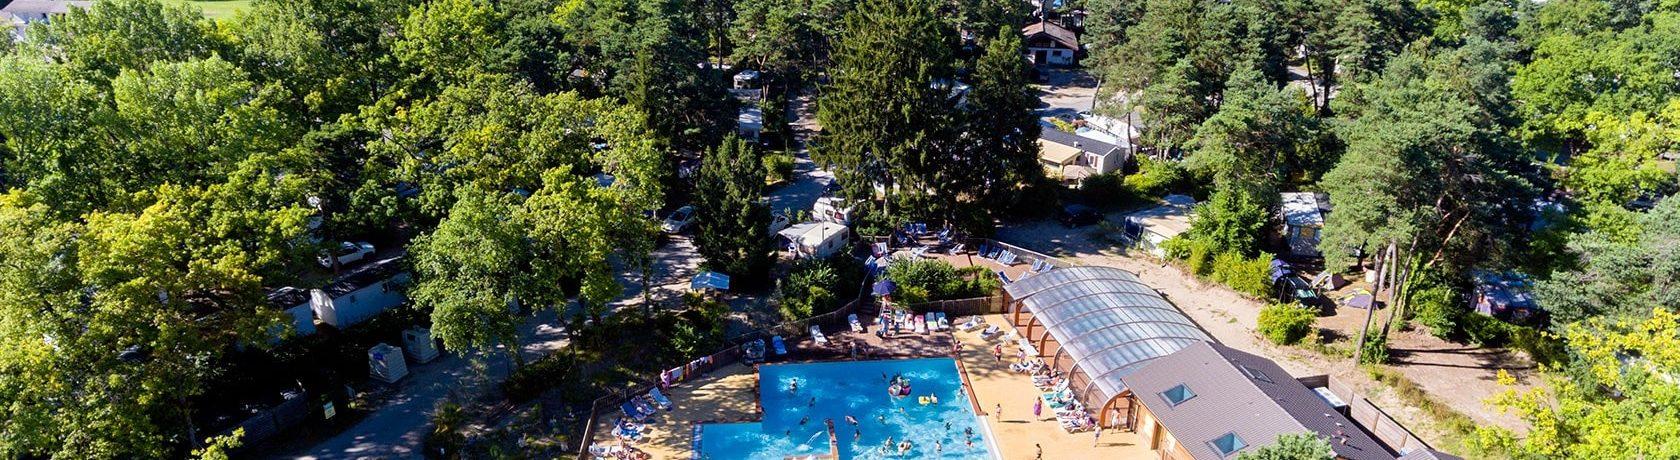 Natuurcamping op een mooi groen kampeerterrein met zwembad aan het meer van Genève (Lac Léman) aan de voet van de Alpen.